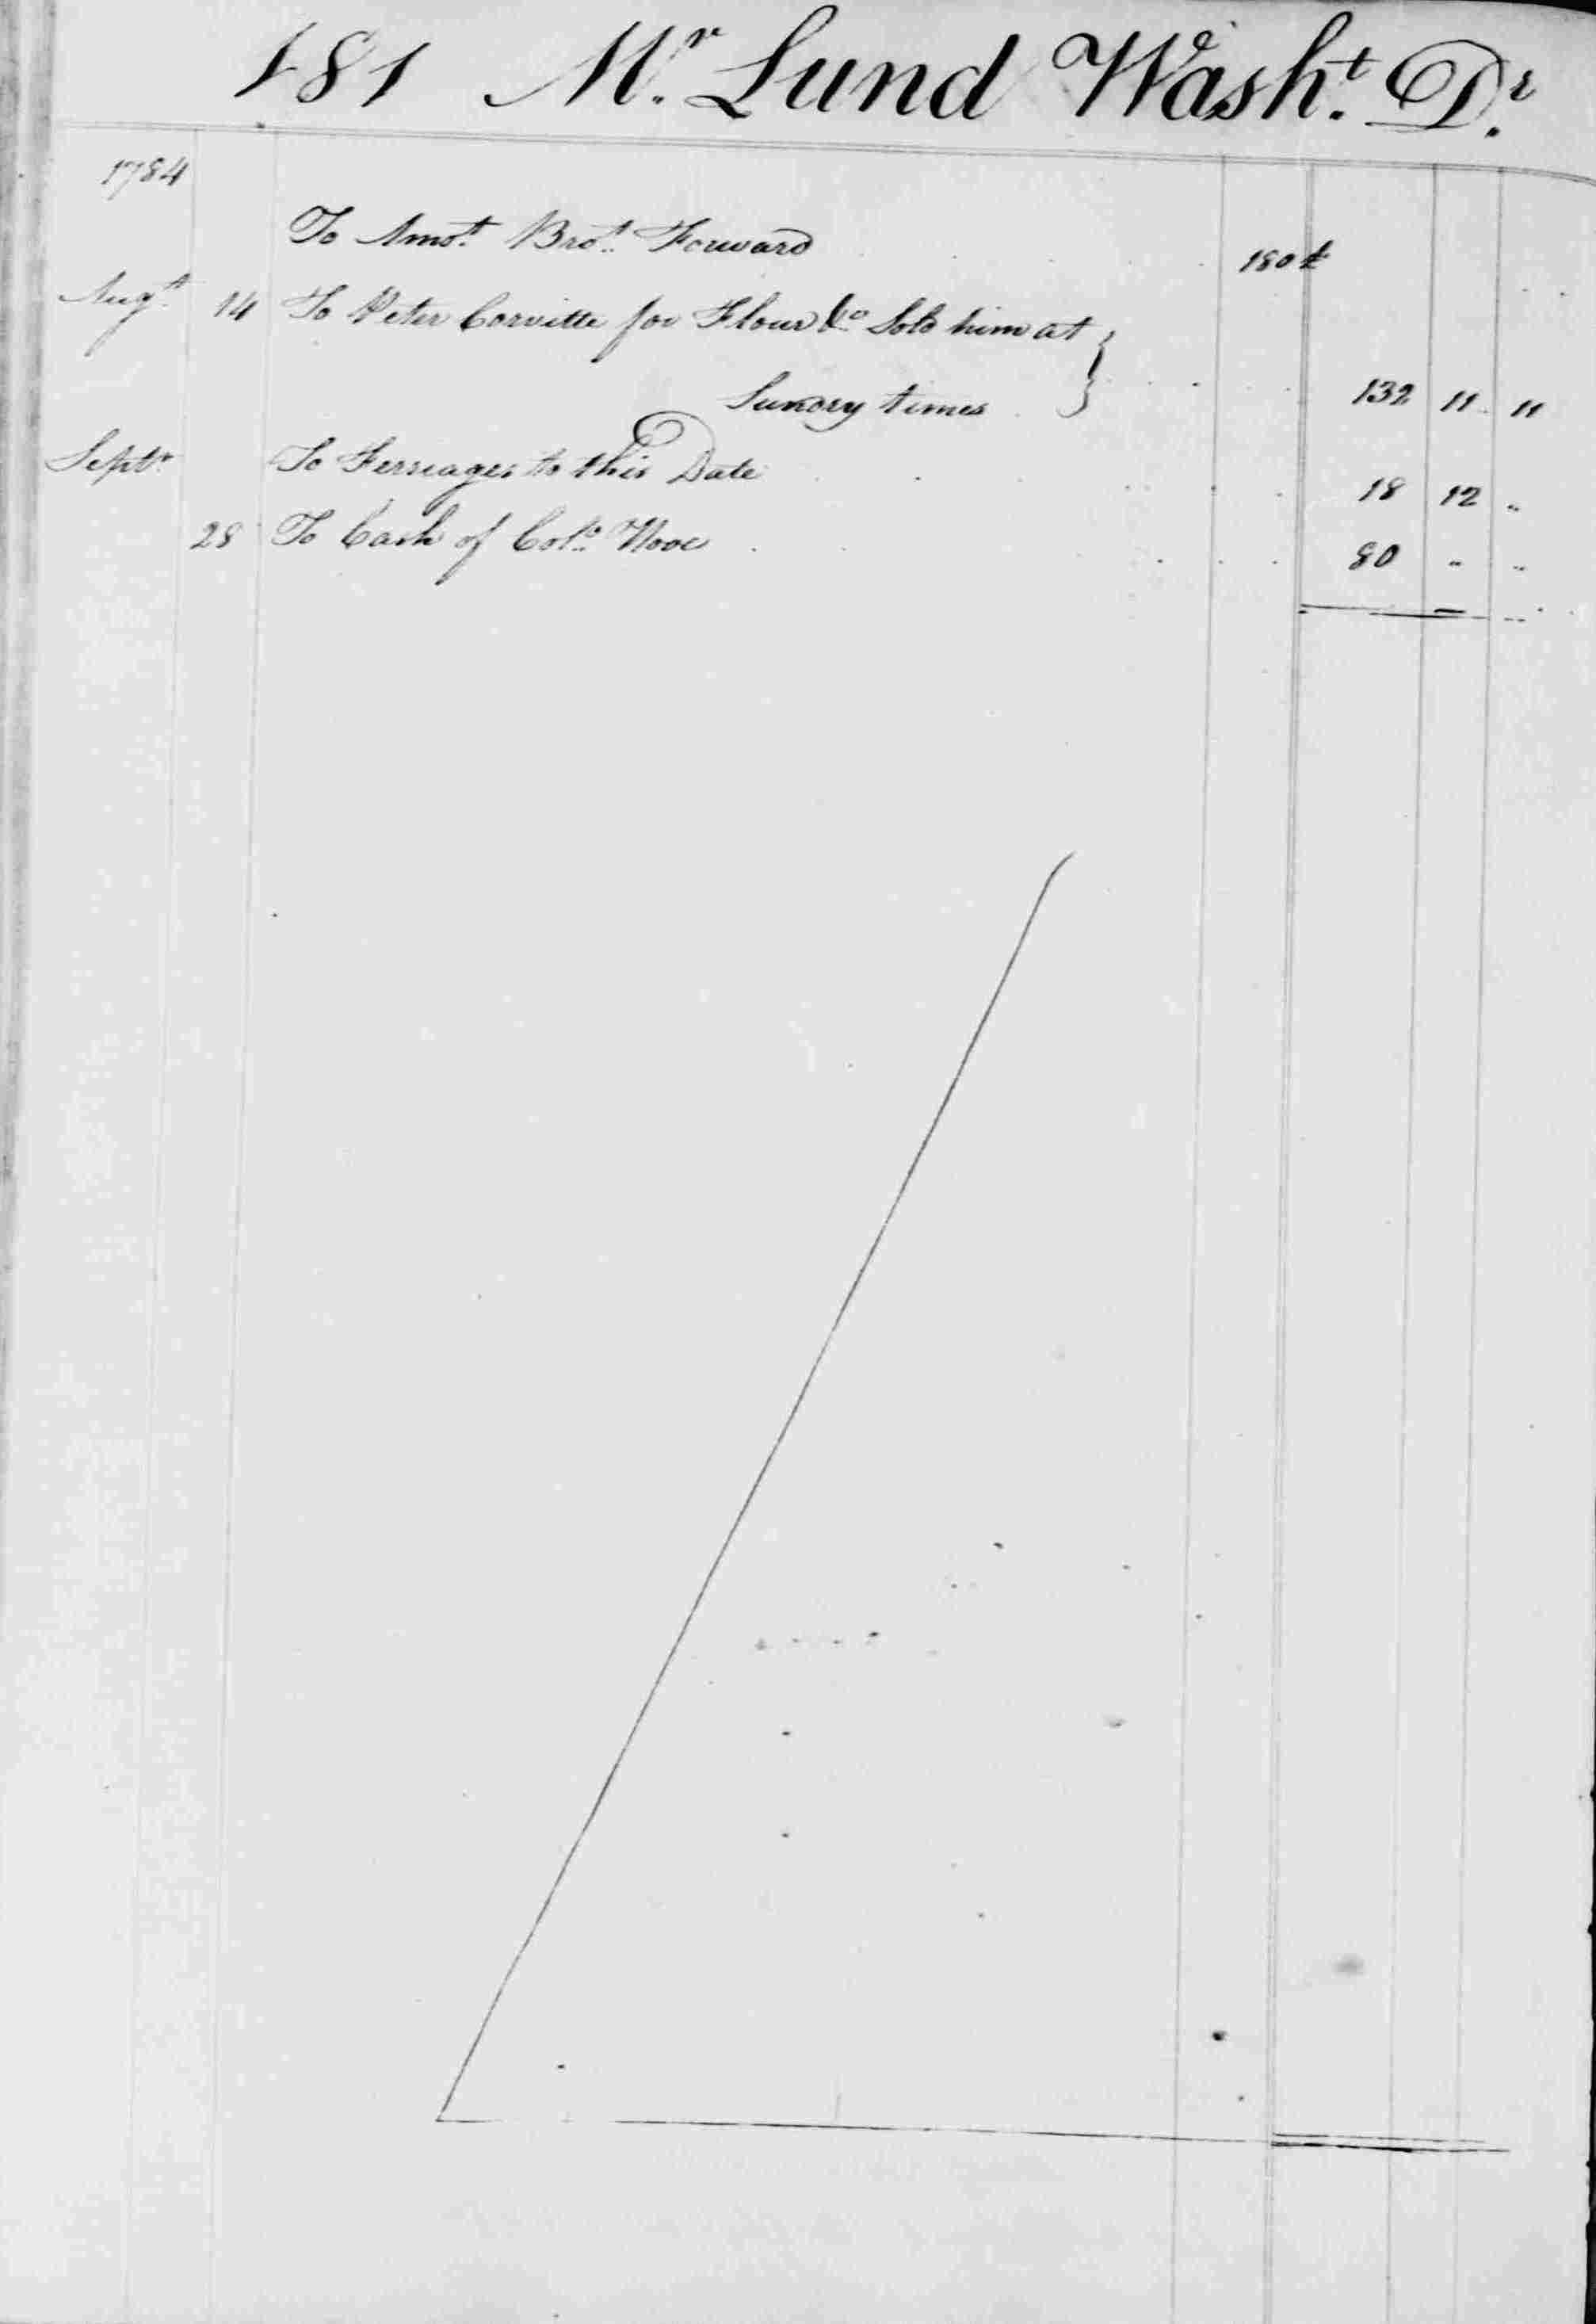 Ledger B, folio 181, left side